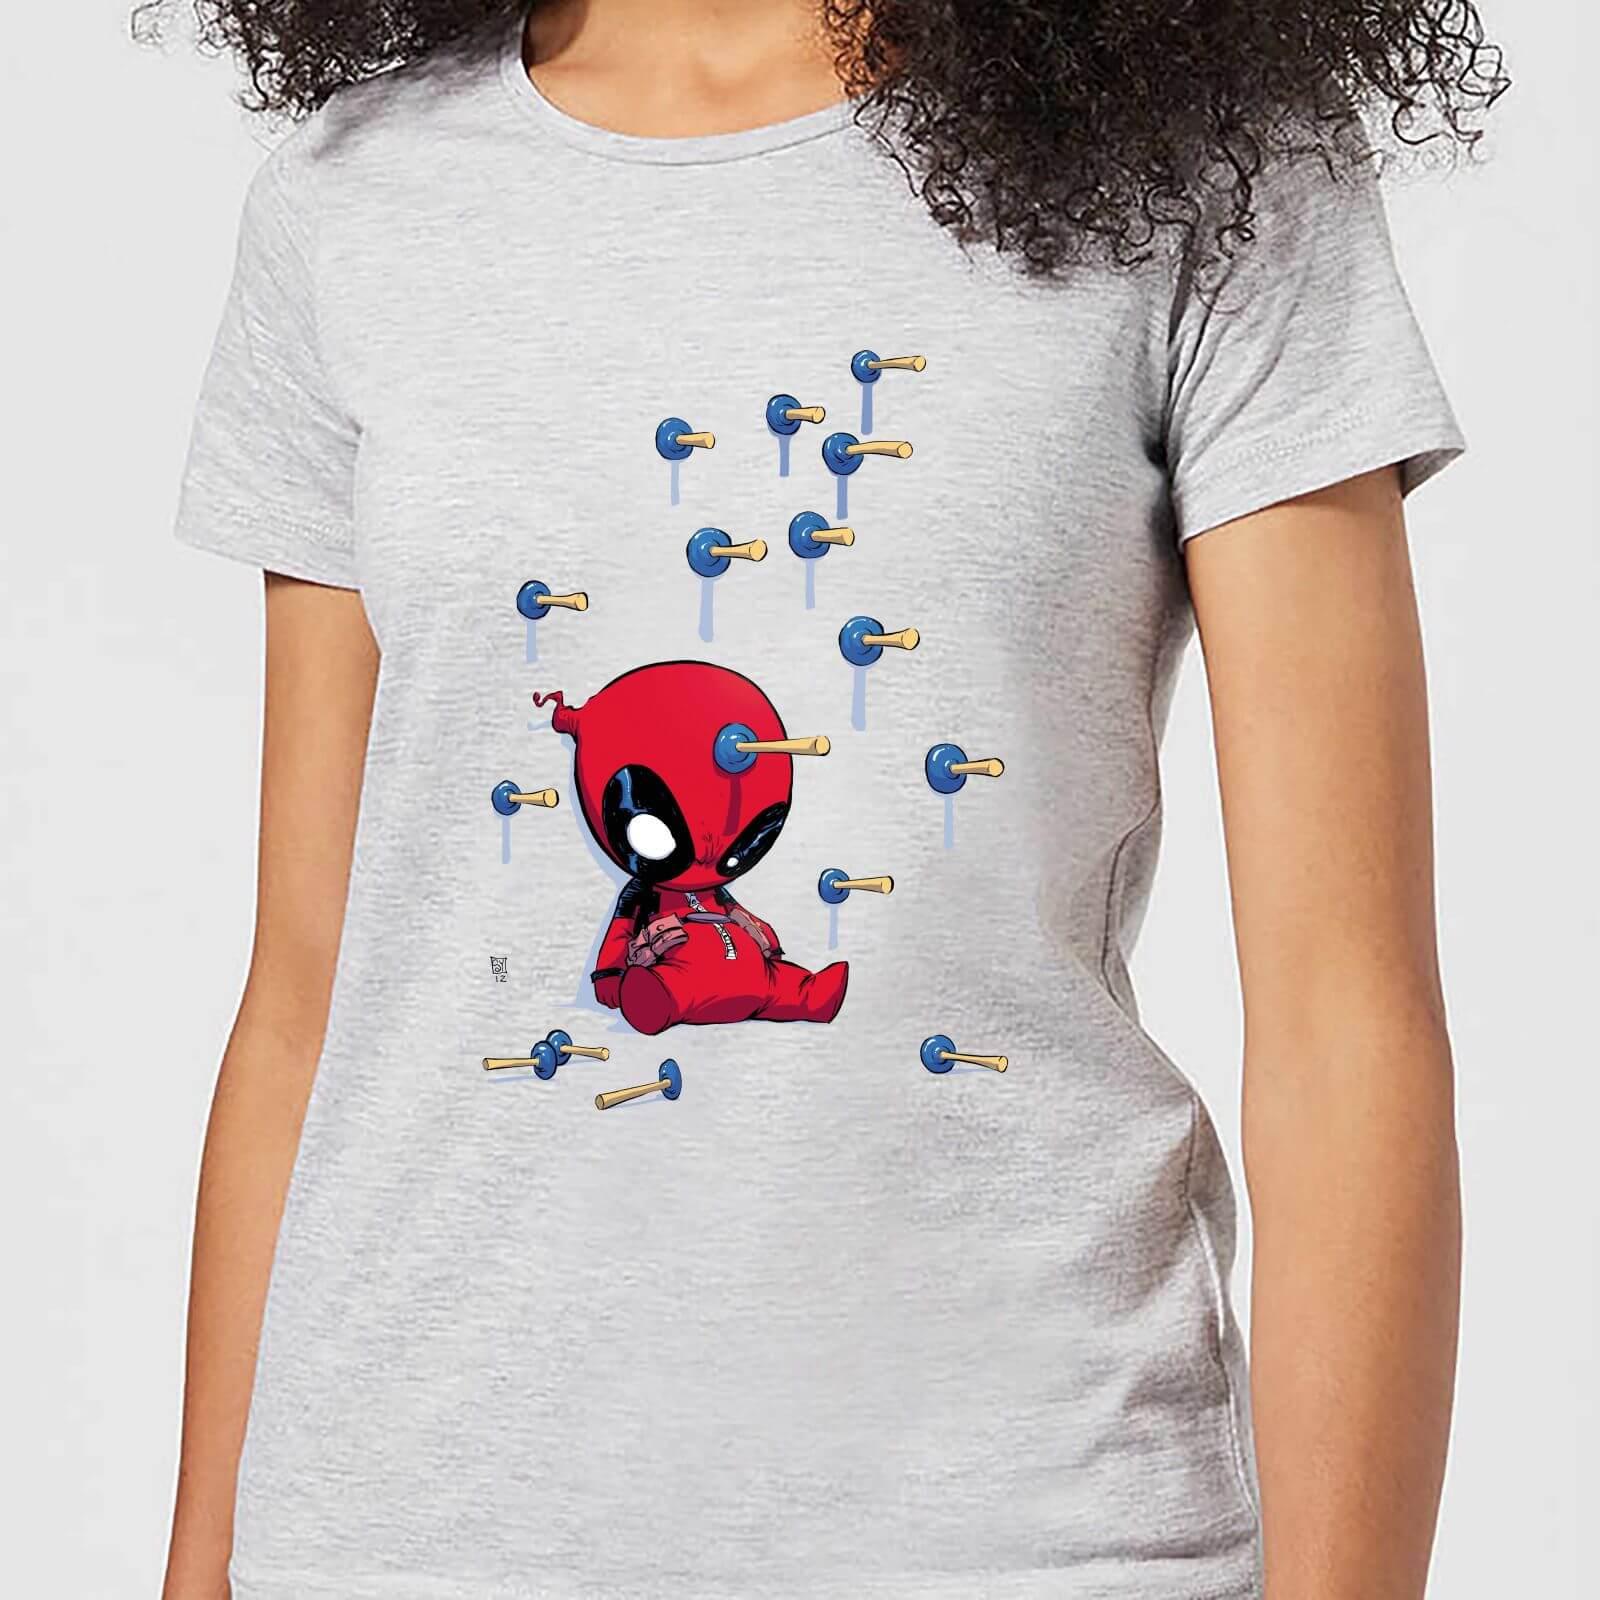 Marvel Deadpool Cartoon Knockout Women's T-Shirt - Grey - 5XL - Grey